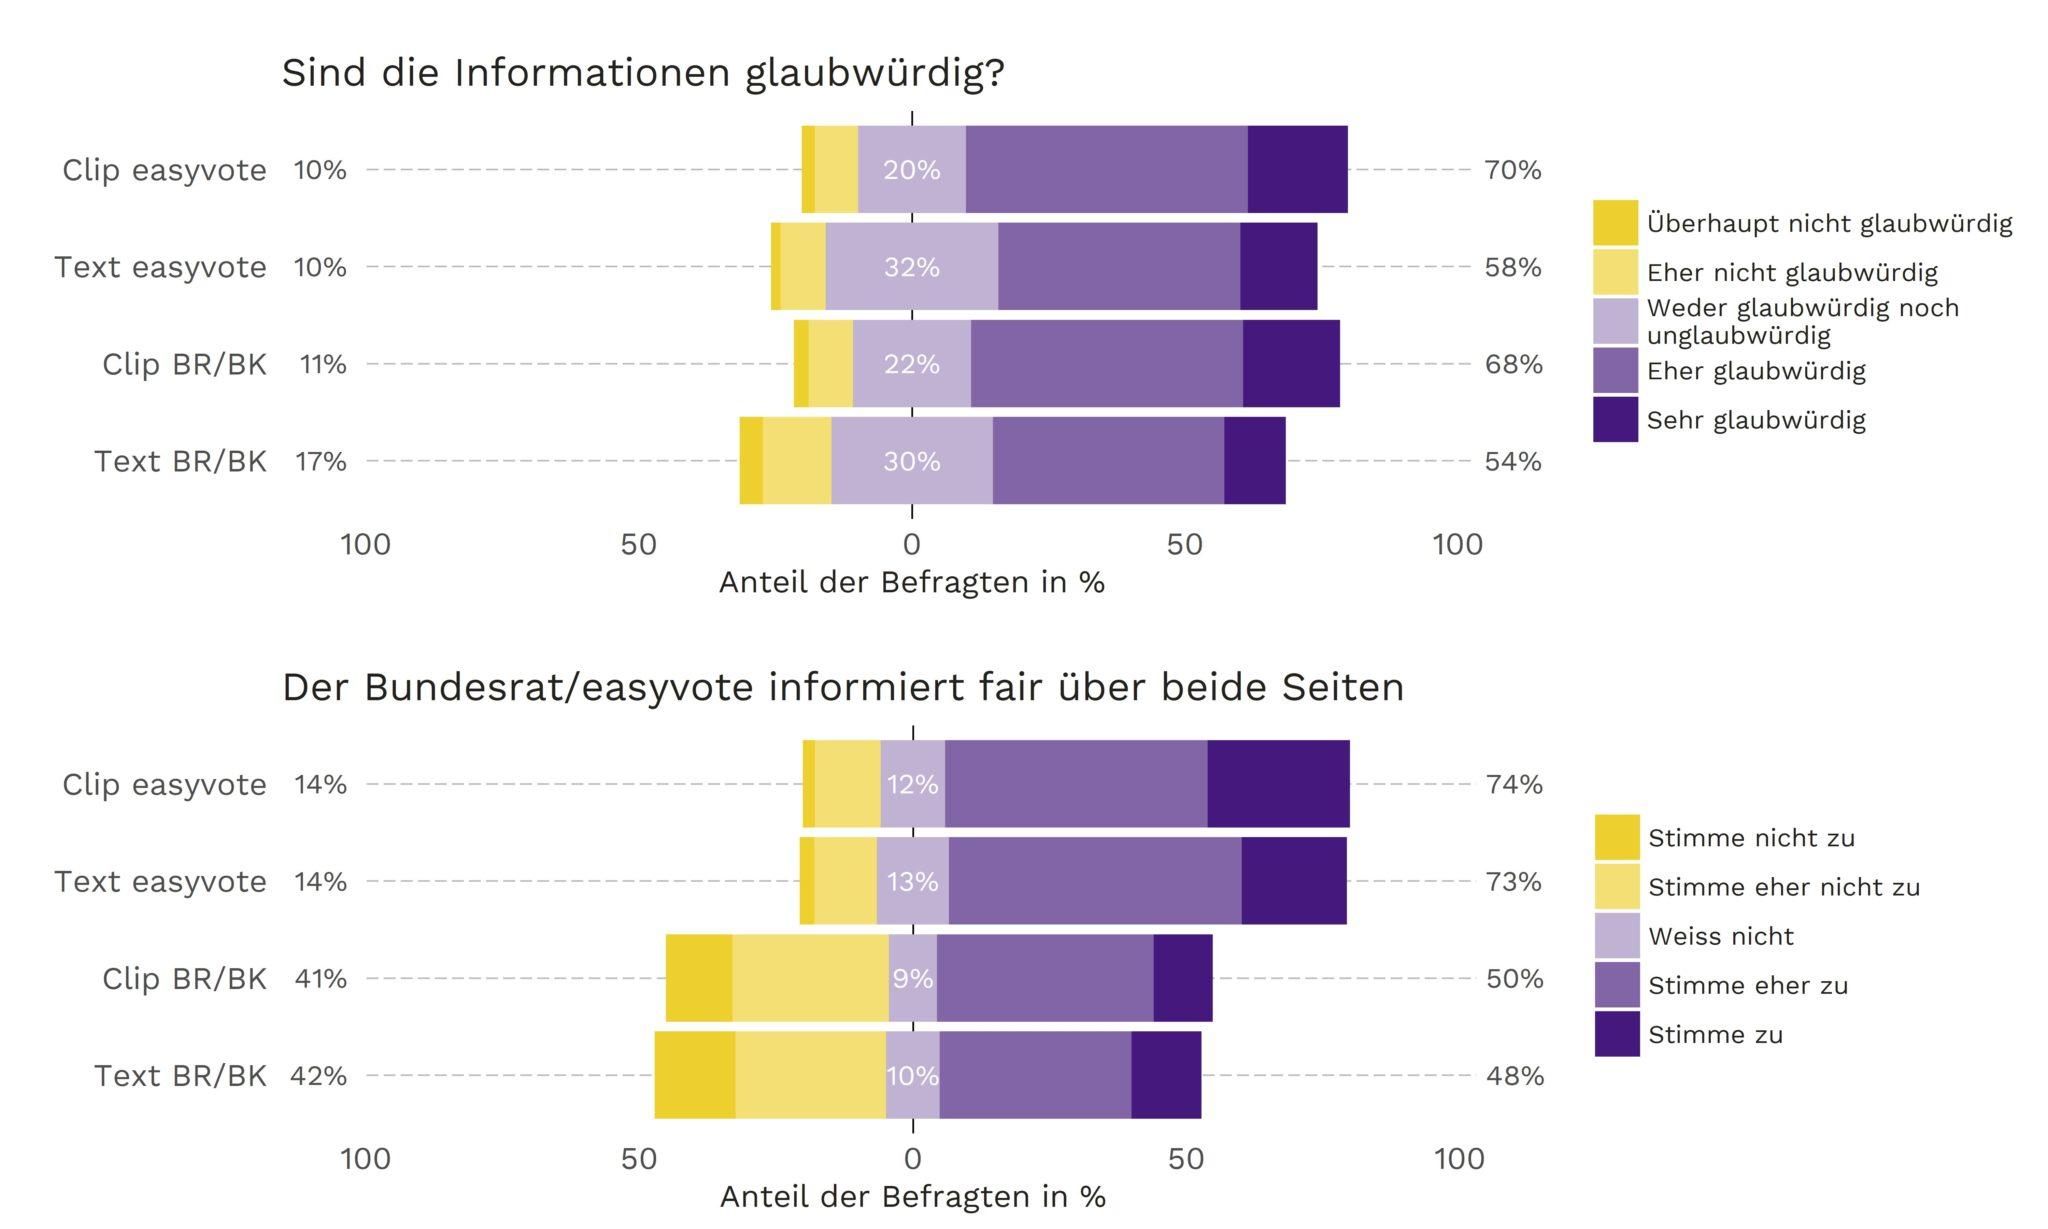 Wie ausgewogen sind die Informationen? Erneut bewerten die Umfrageteilnehmenden das Büchlein und den Video-Clip des Bundes am schlechtesten.